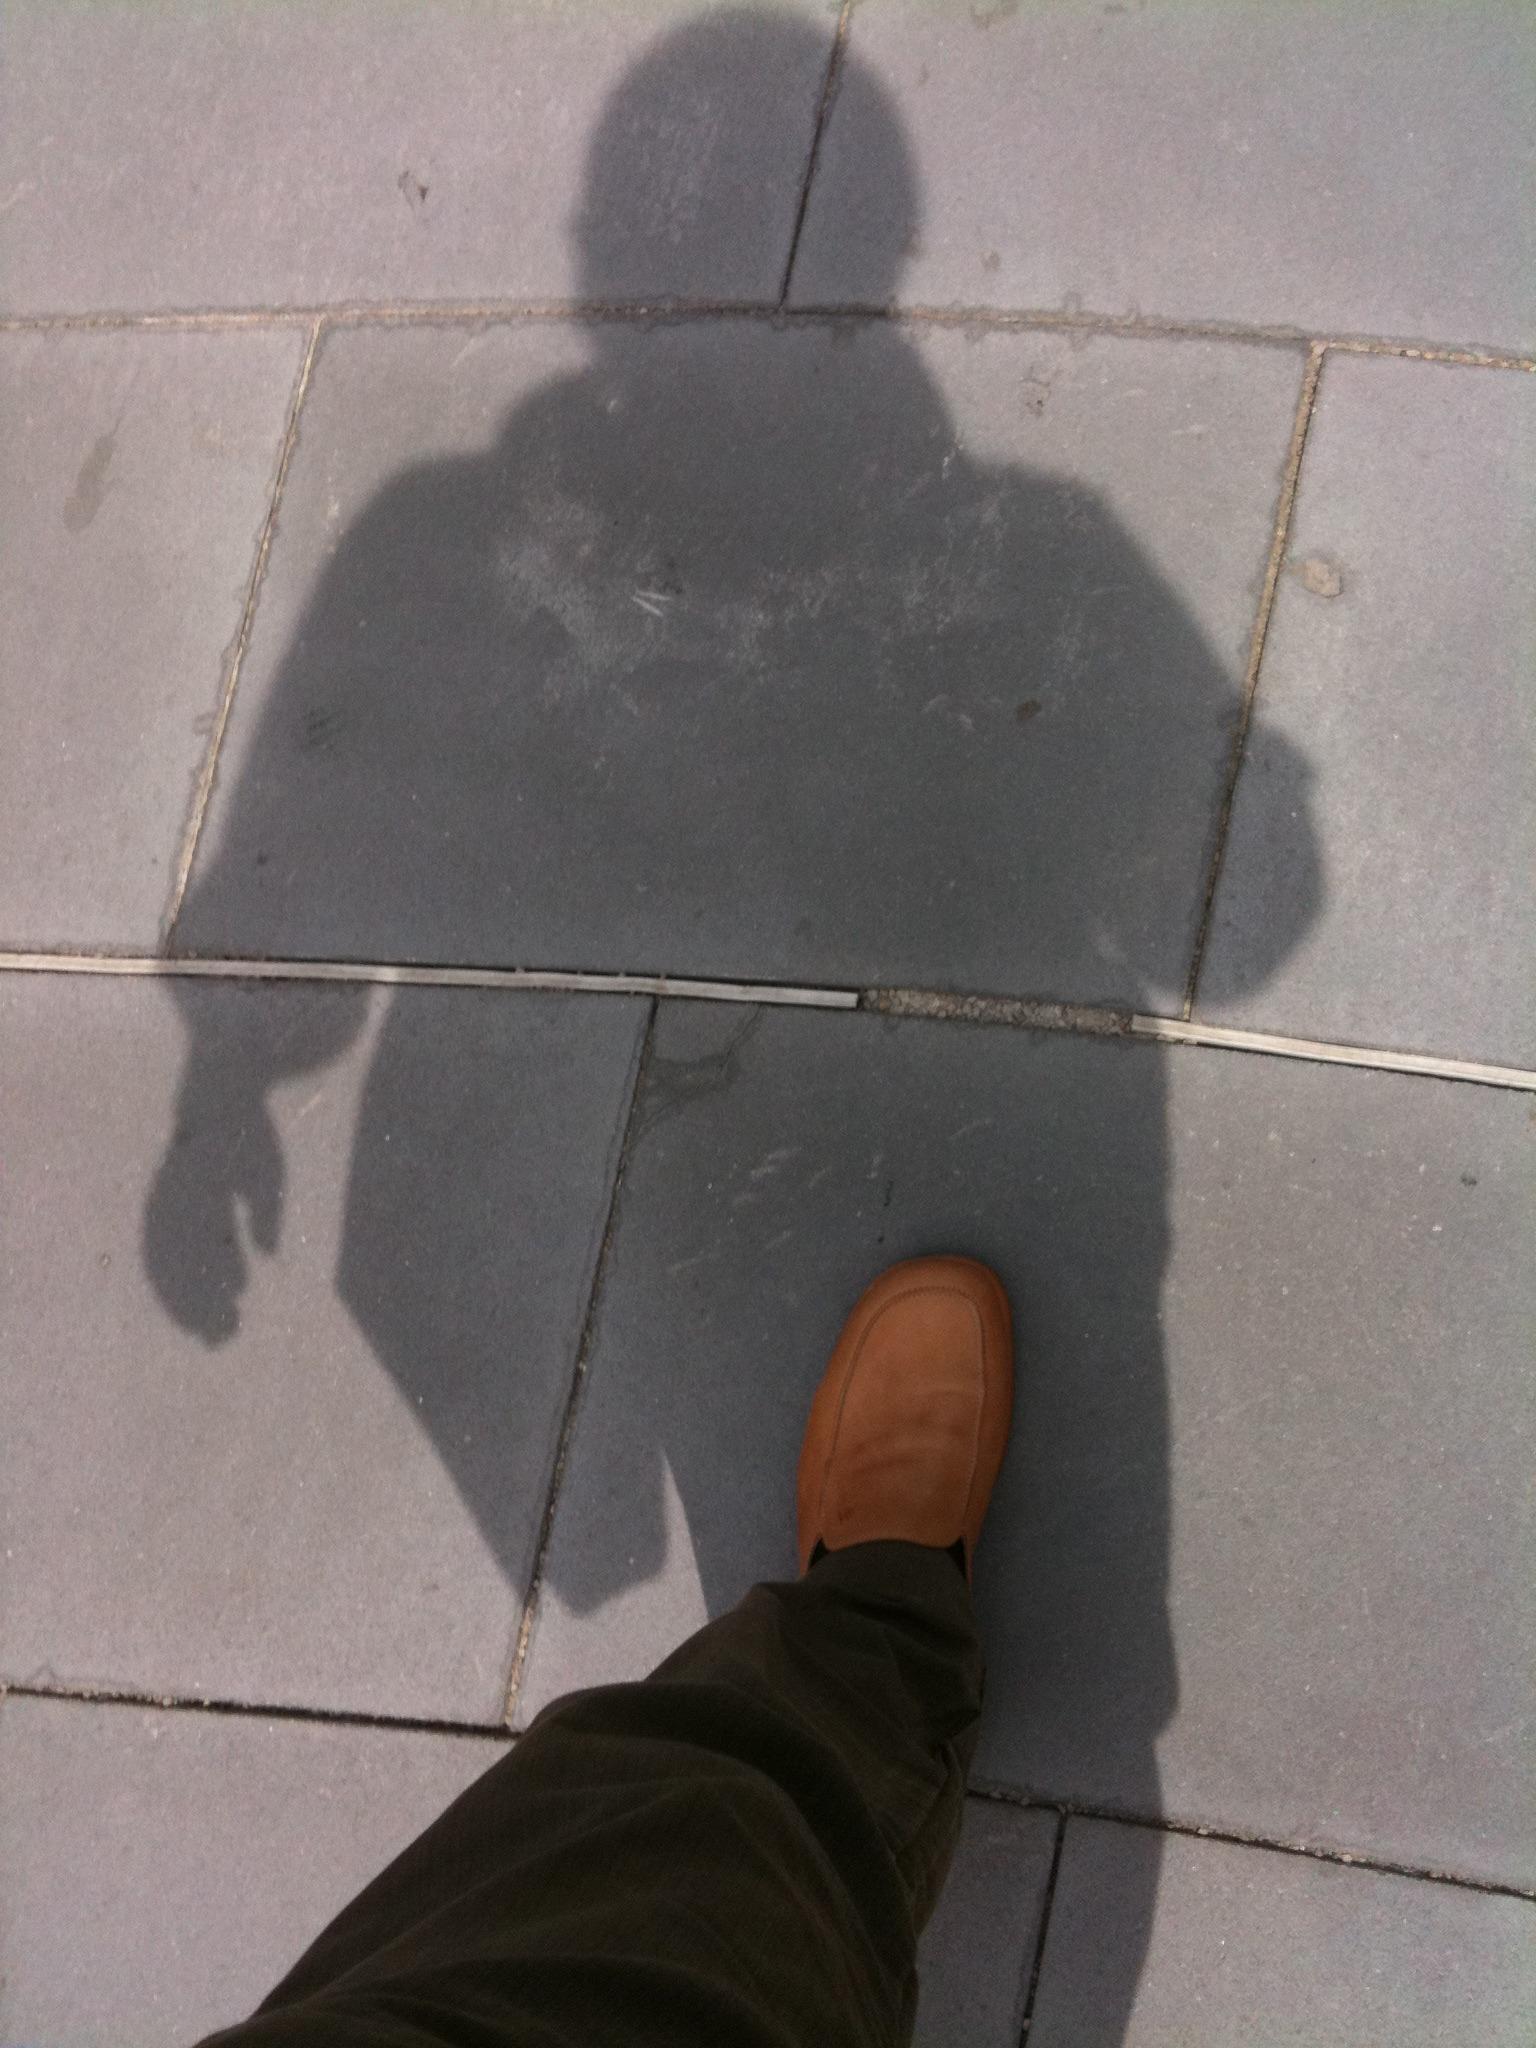 Canh Sàn Nhà Tường Hình Chụp Bóng Đen Hình Dạng Ánh Sáng Và Bóng Tối Ván